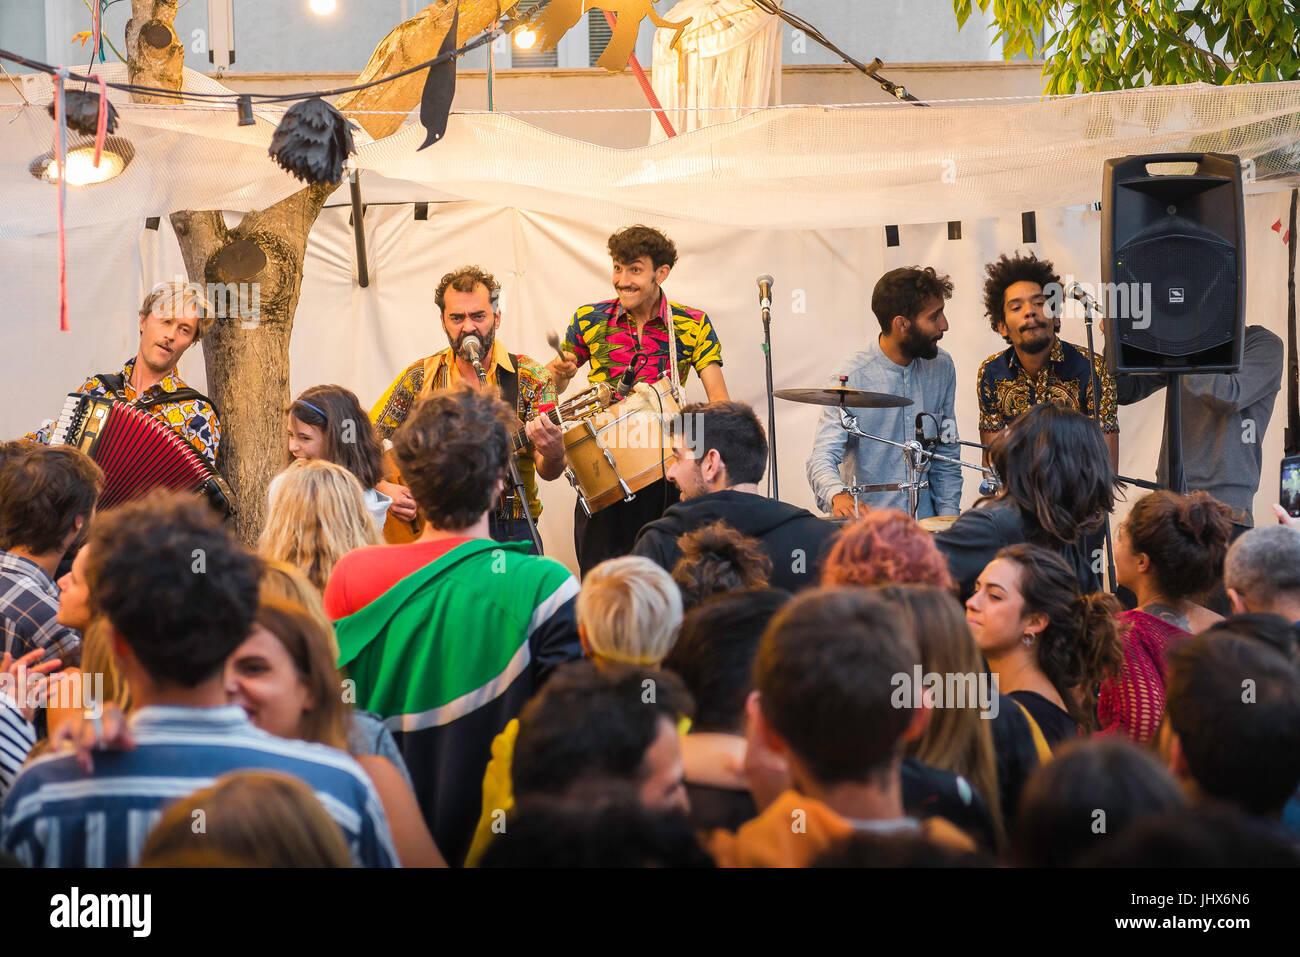 Nachtleben von Lissabon an einem Sommerabend im Stadtteil Alfama einer Salsa-Band unterhalten ein lebendiges Publikum Stockbild